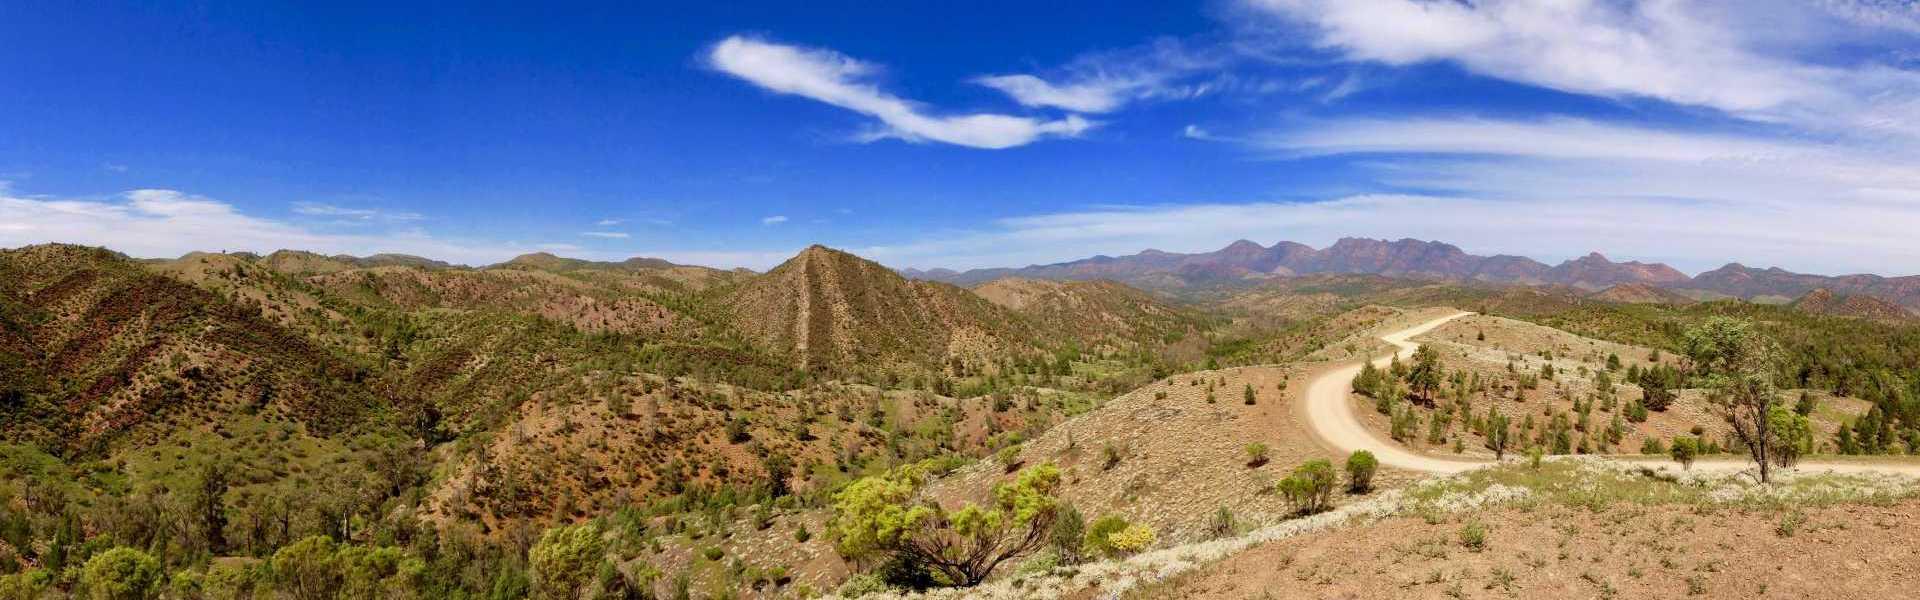 Quorn Caravan Park, Flinders Ranges